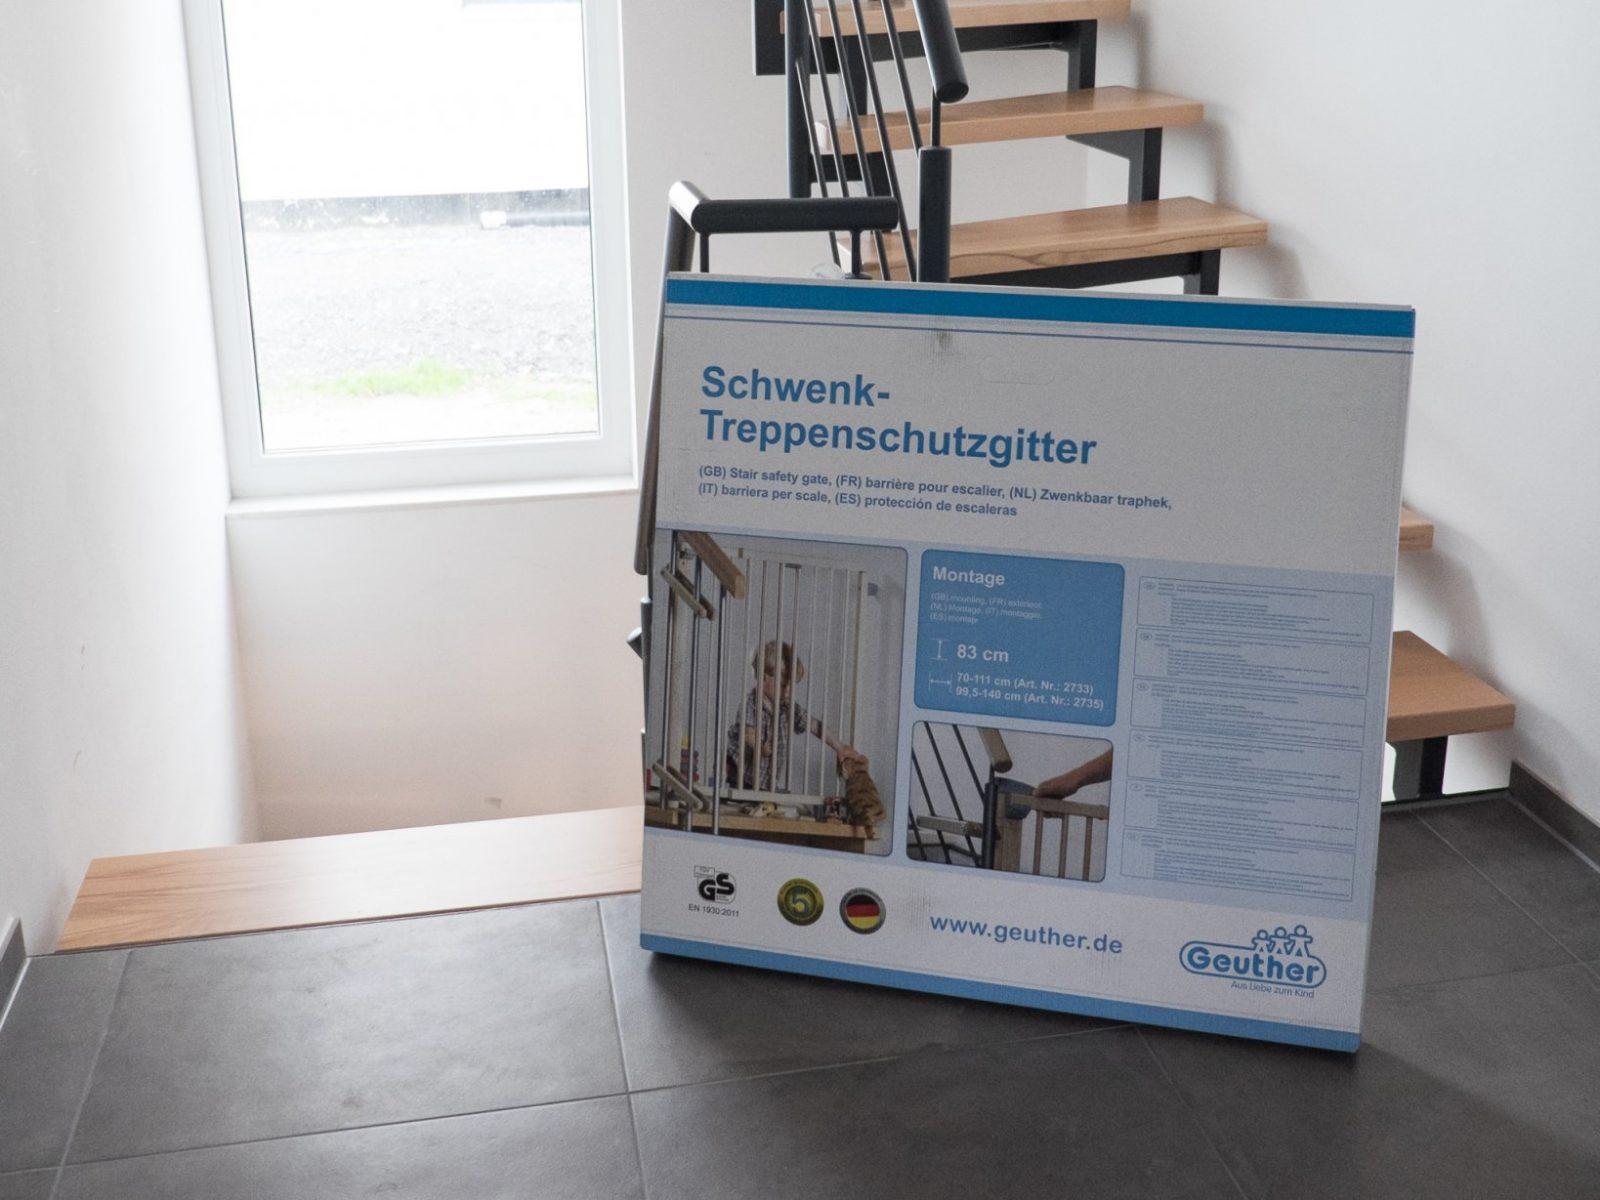 Geuther Treppenschutzgitter – Ein Haus Für Den Zwerg von Treppenschutzgitter Ohne Bohren Ikea Bild